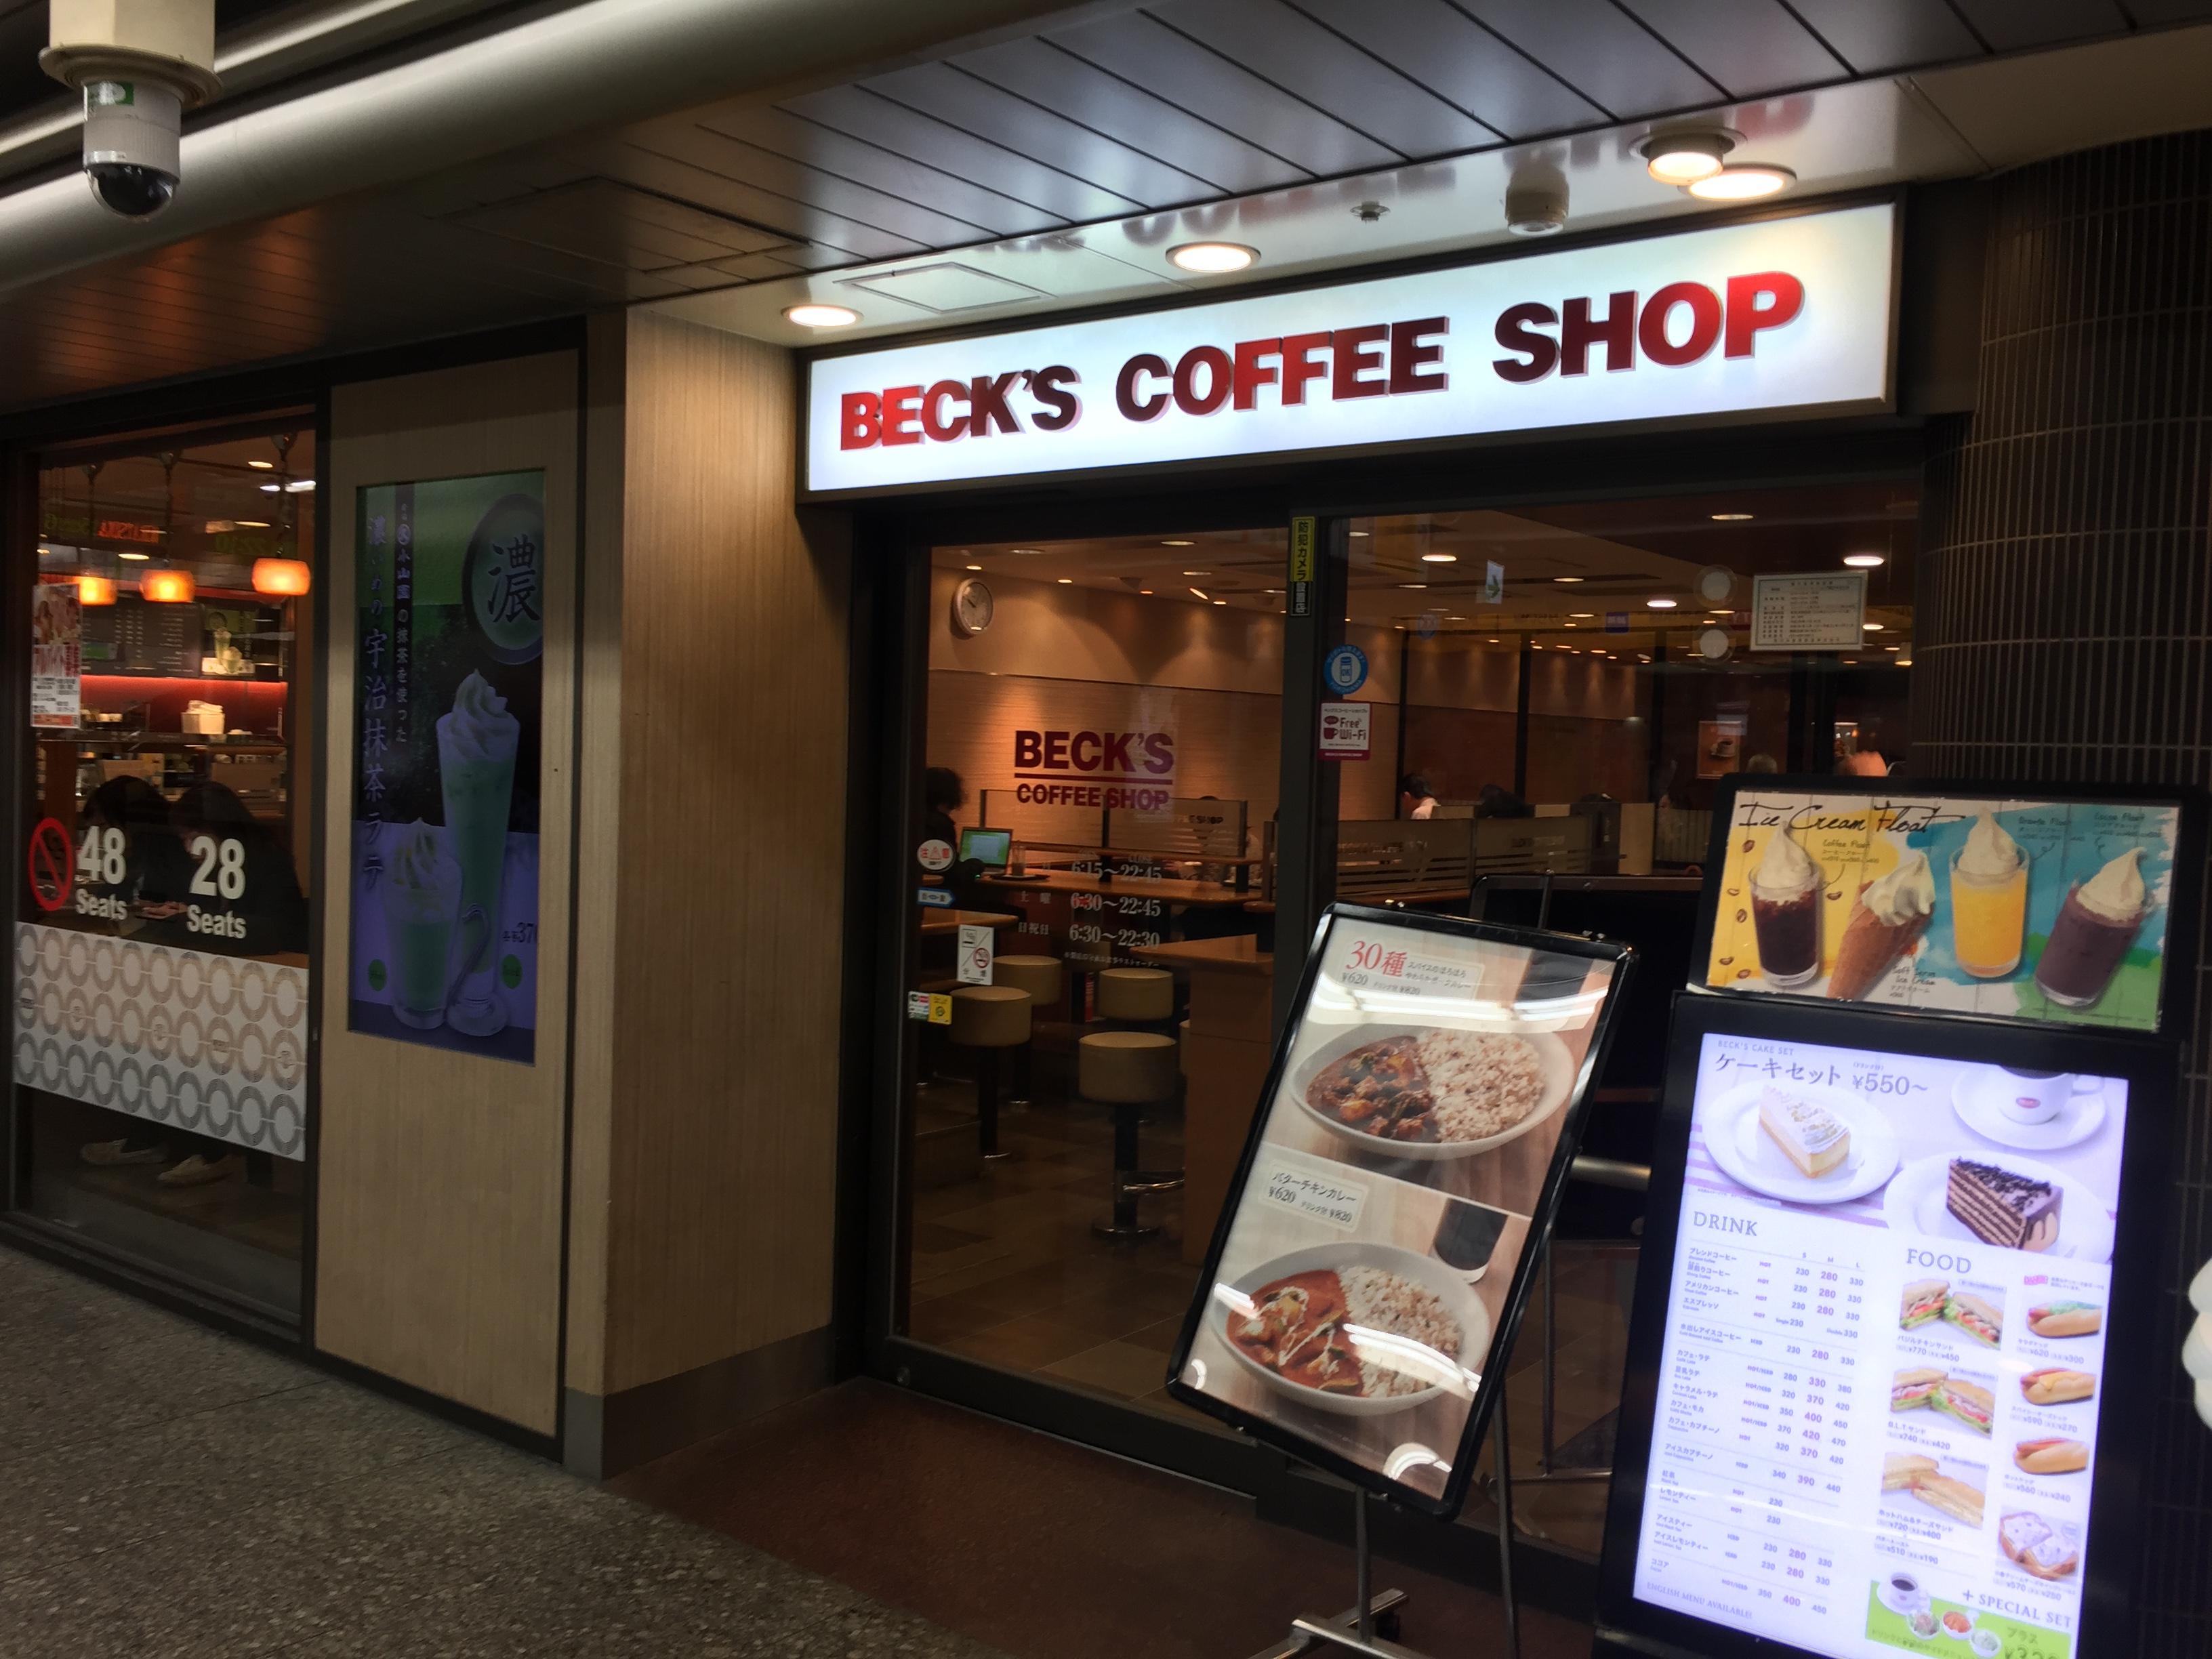 駅 カフェ 横浜 横浜駅「ザ・ロイヤルカフェ横浜」がオープン!高級感ある大人カフェで居心地良かった |